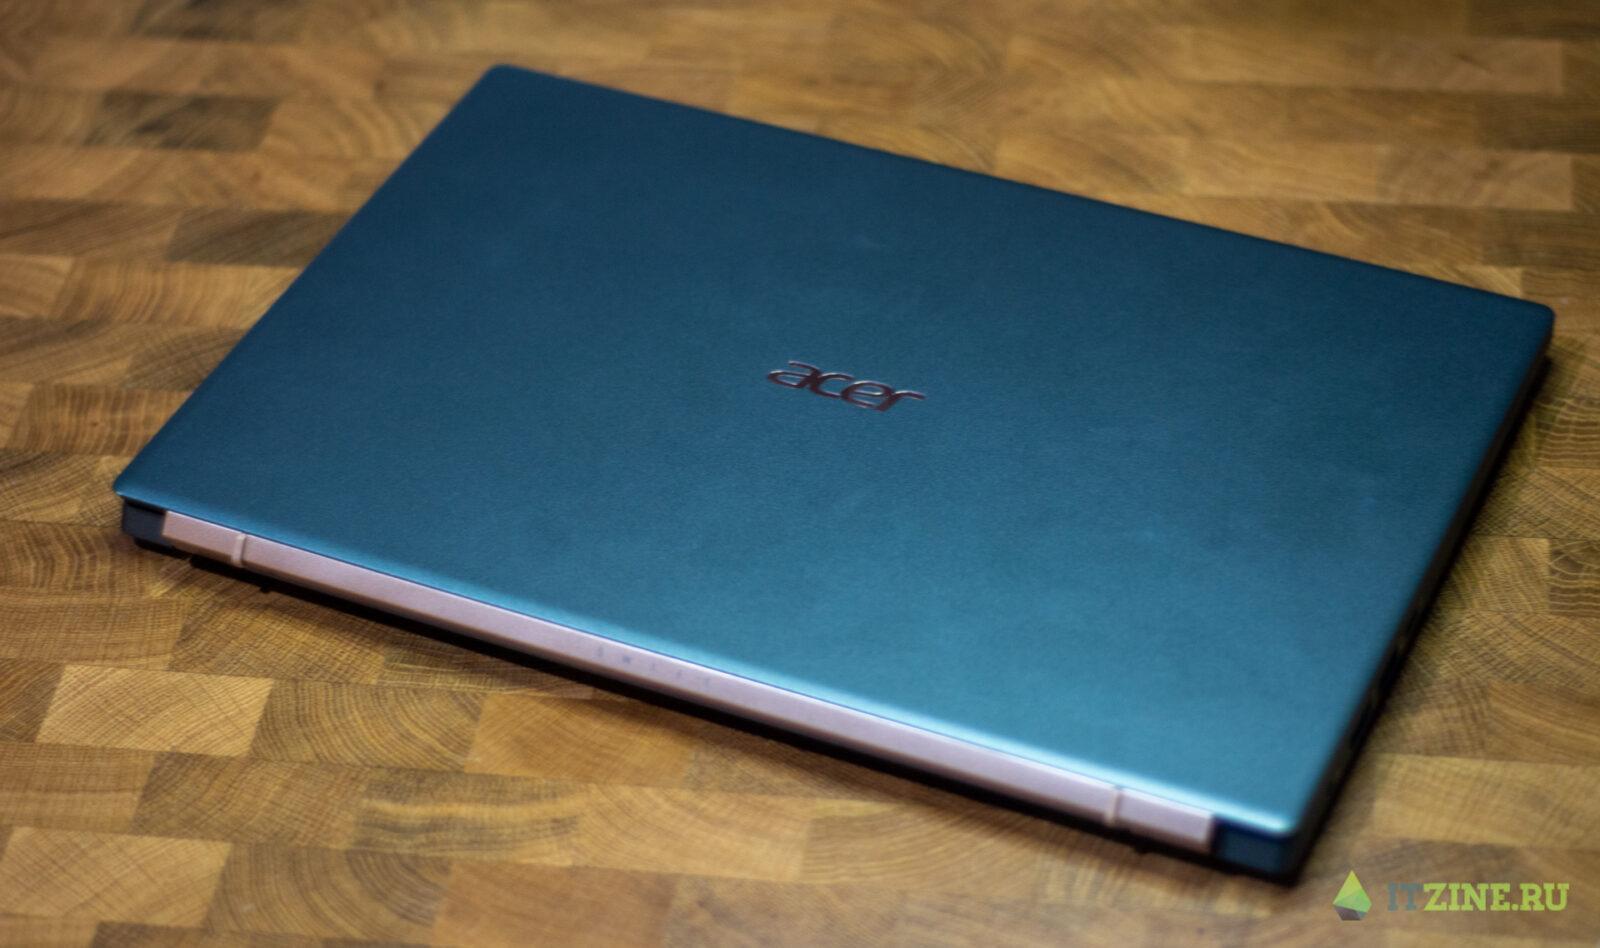 Обзор Acer Swift 5: идеальный ноутбук для работы из дома (acer swift5 02)